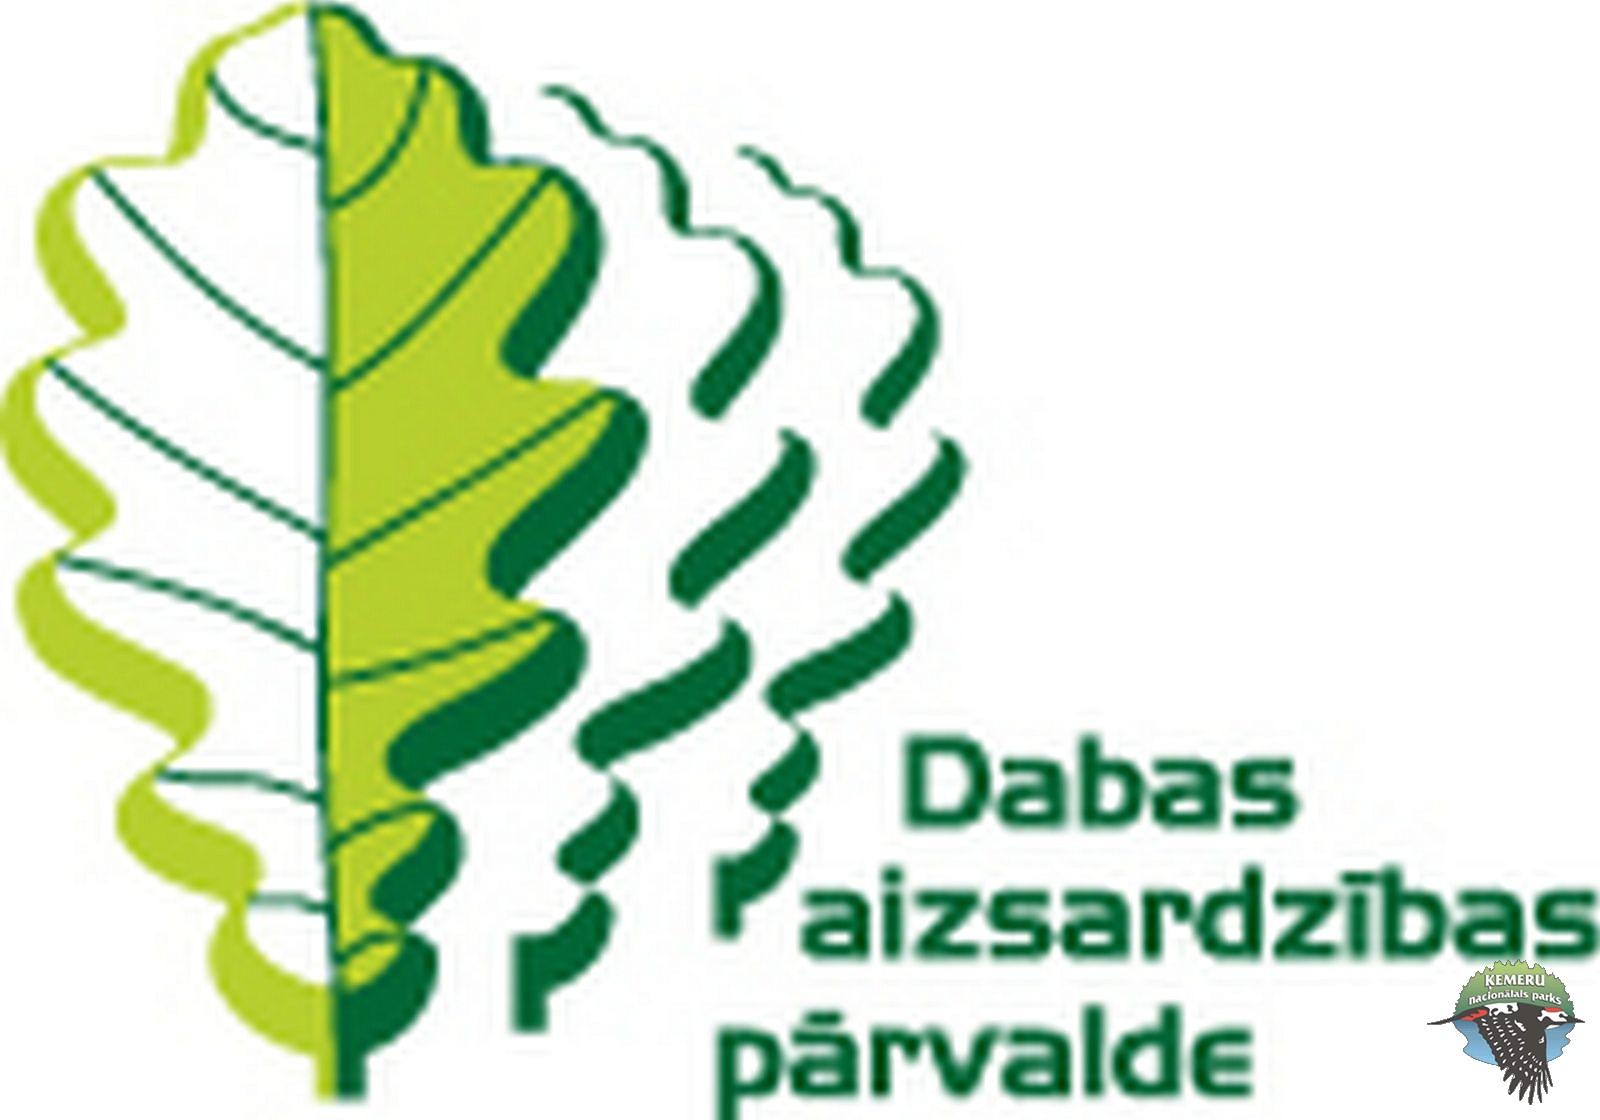 Dabas aizsardzības pārvlades logo